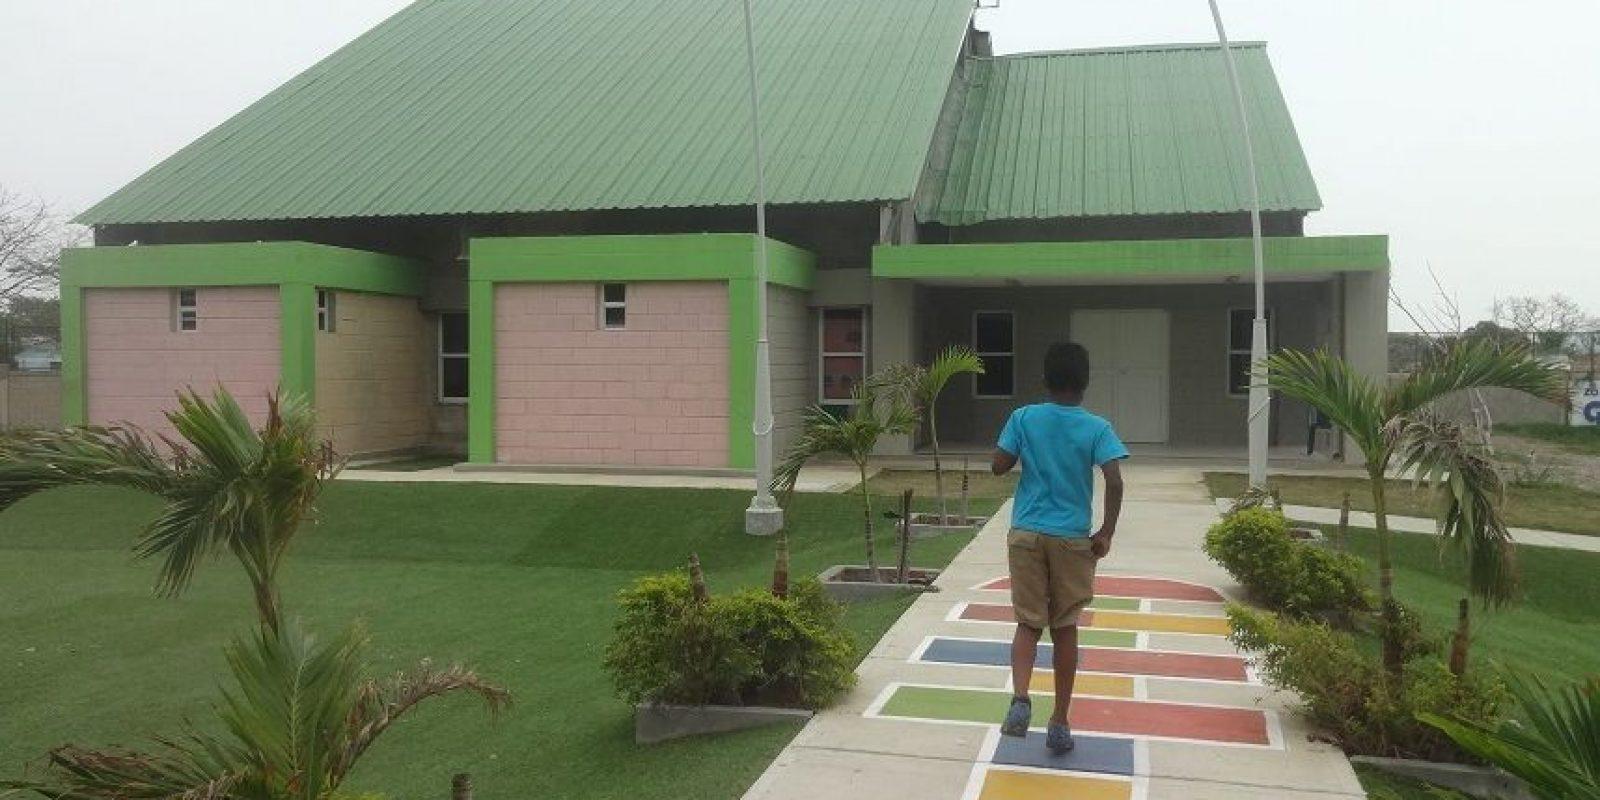 Edificio de los dormitorios Foto:Lina Robles-Publimetro